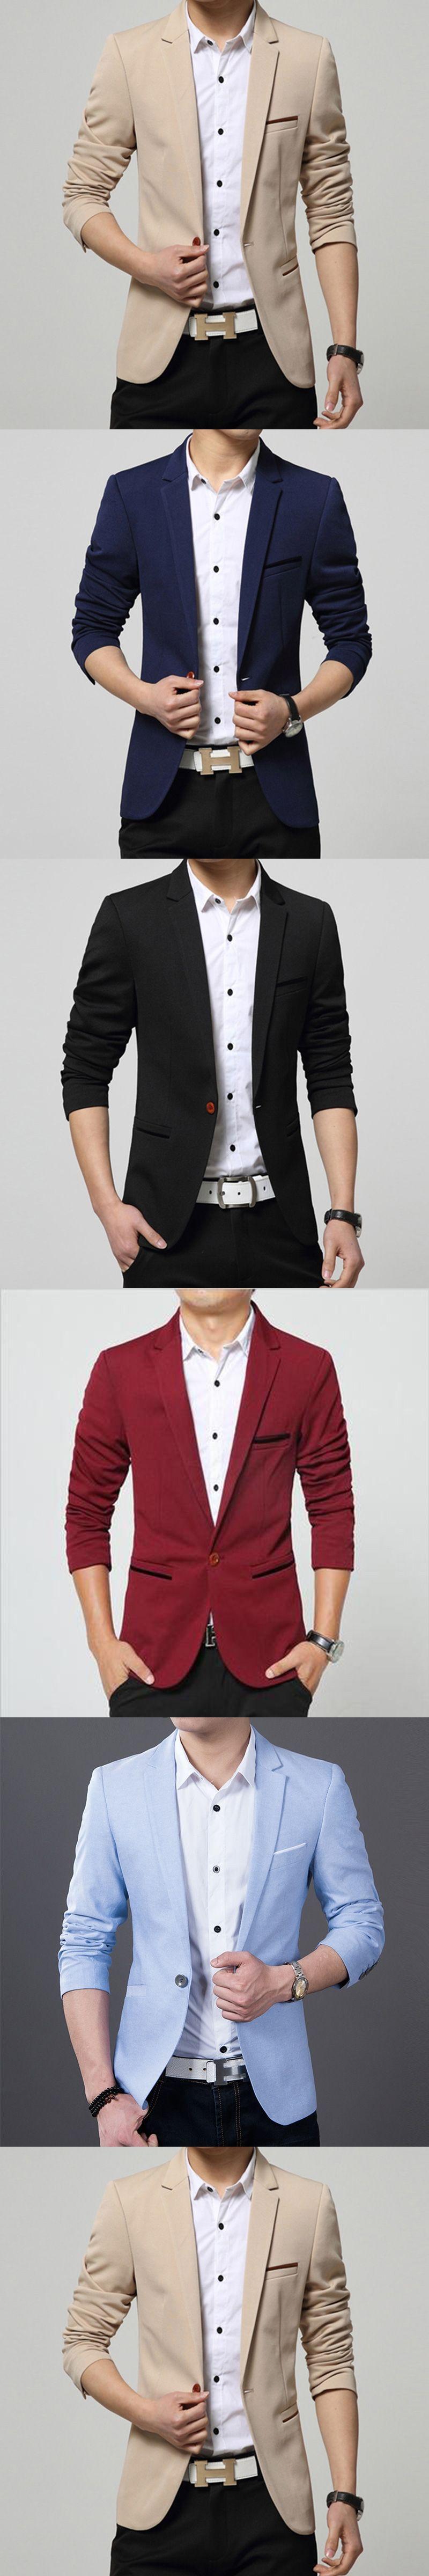 c308a9fe692e74 2017 New Brand Spring Masculine Blazer Men Fashion Slim Fit Suit Men Casual  Solid Color Suit